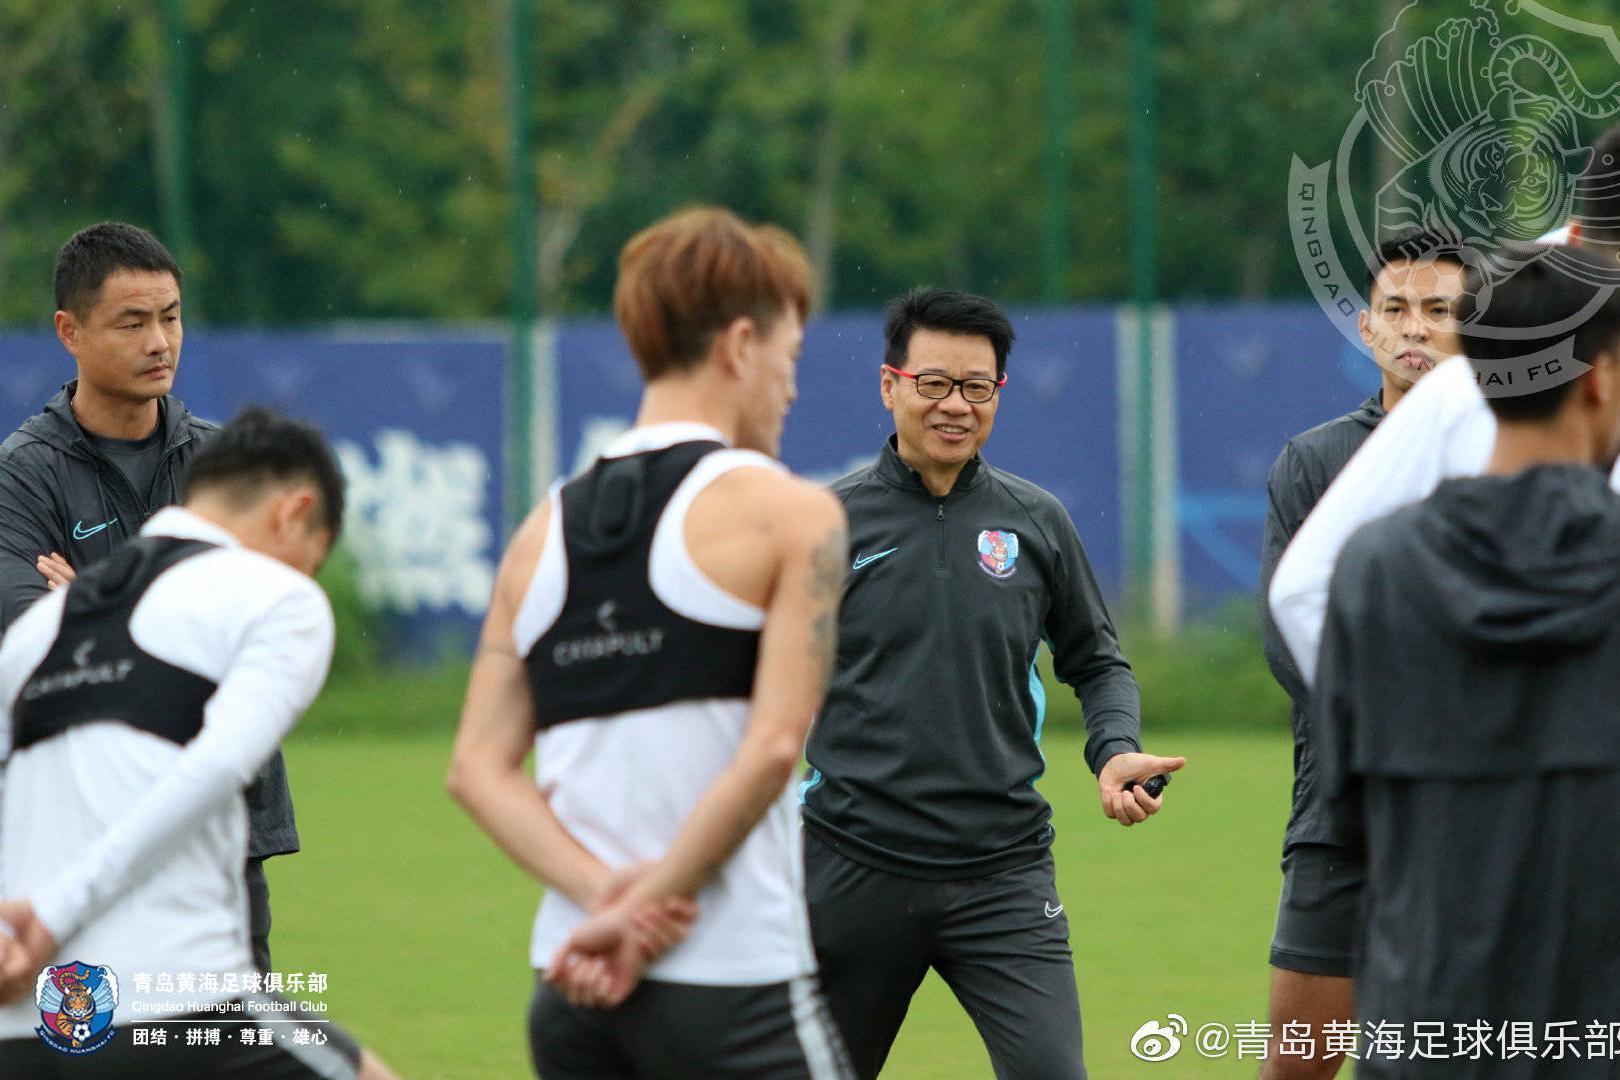 青岛黄海足球俱乐部队员备战足协杯首轮与北京中赫国安的比赛